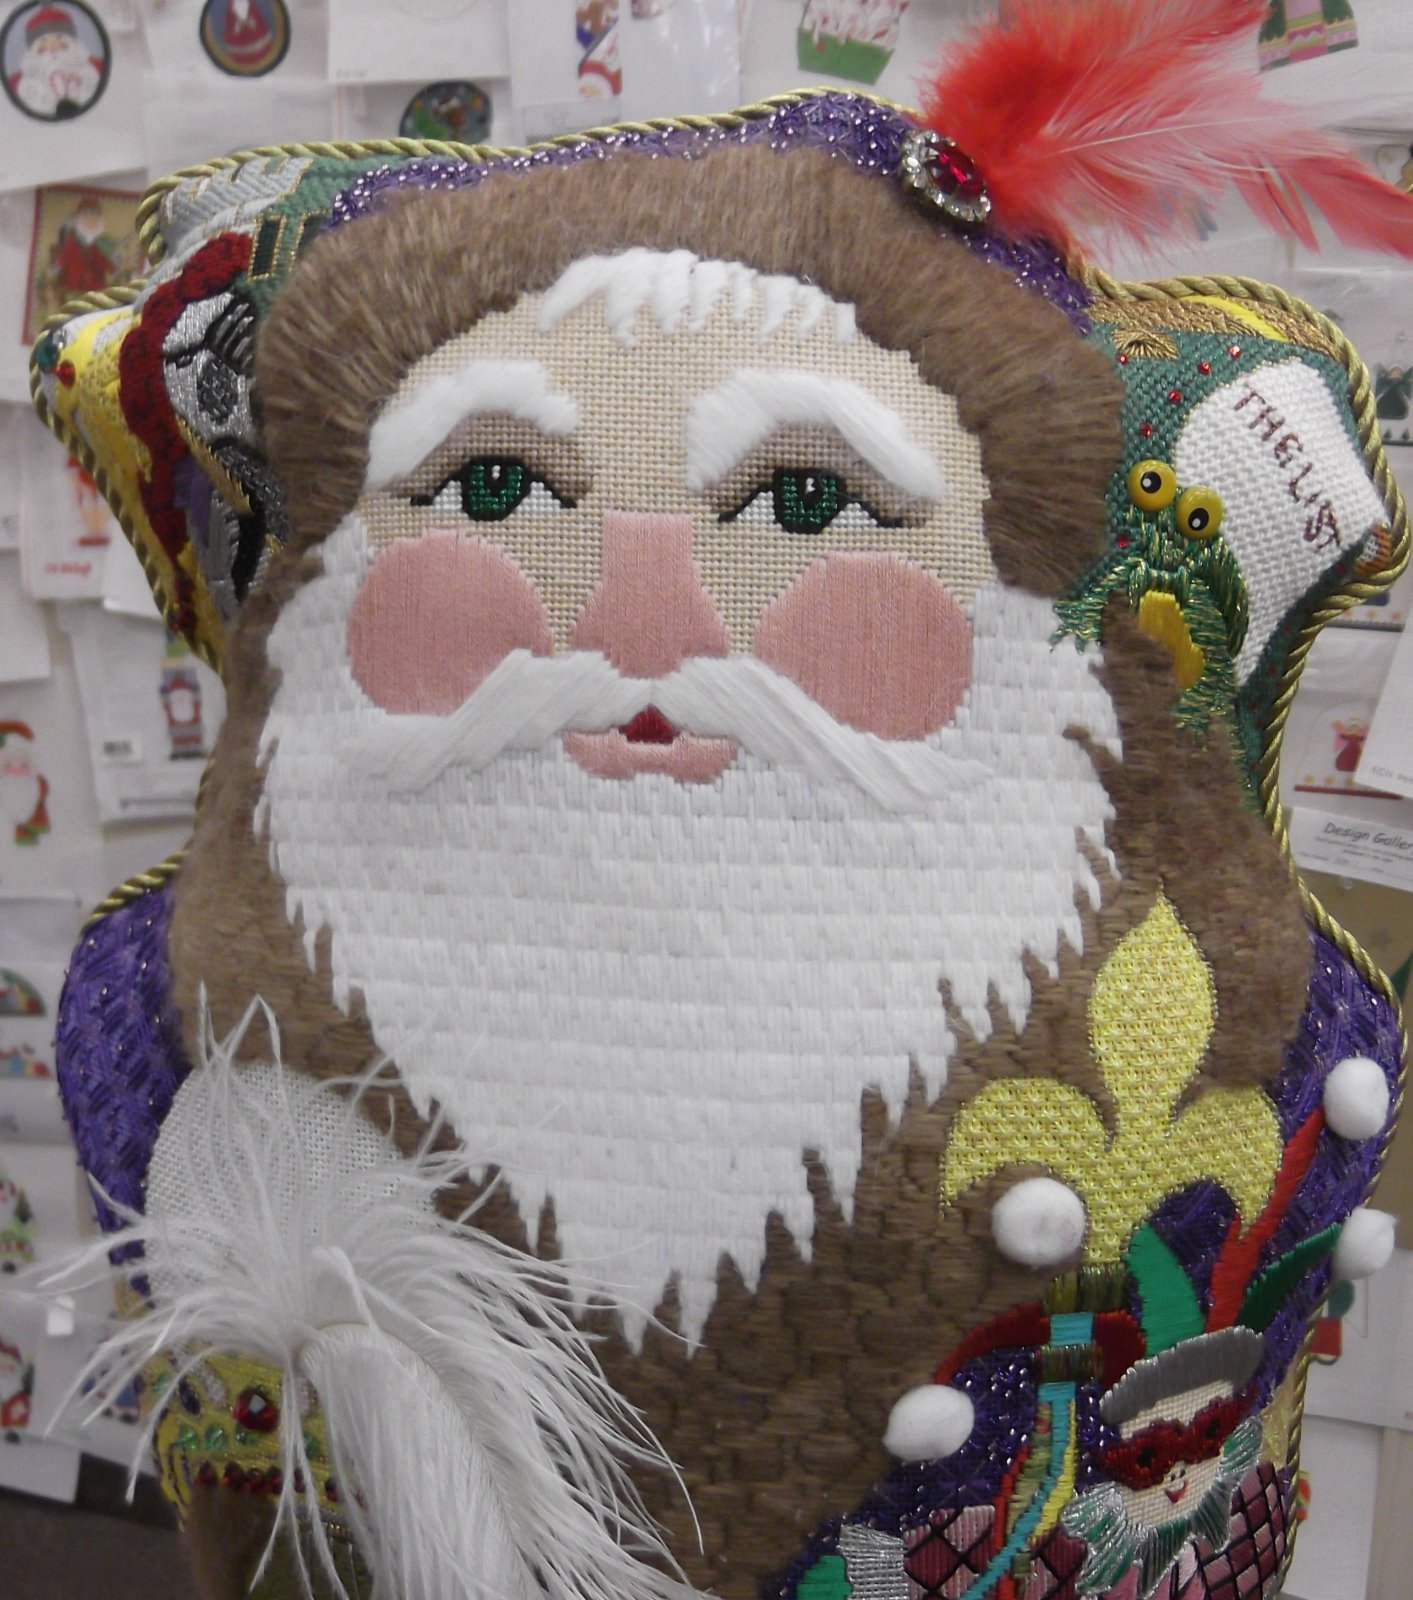 Georgie's Santa